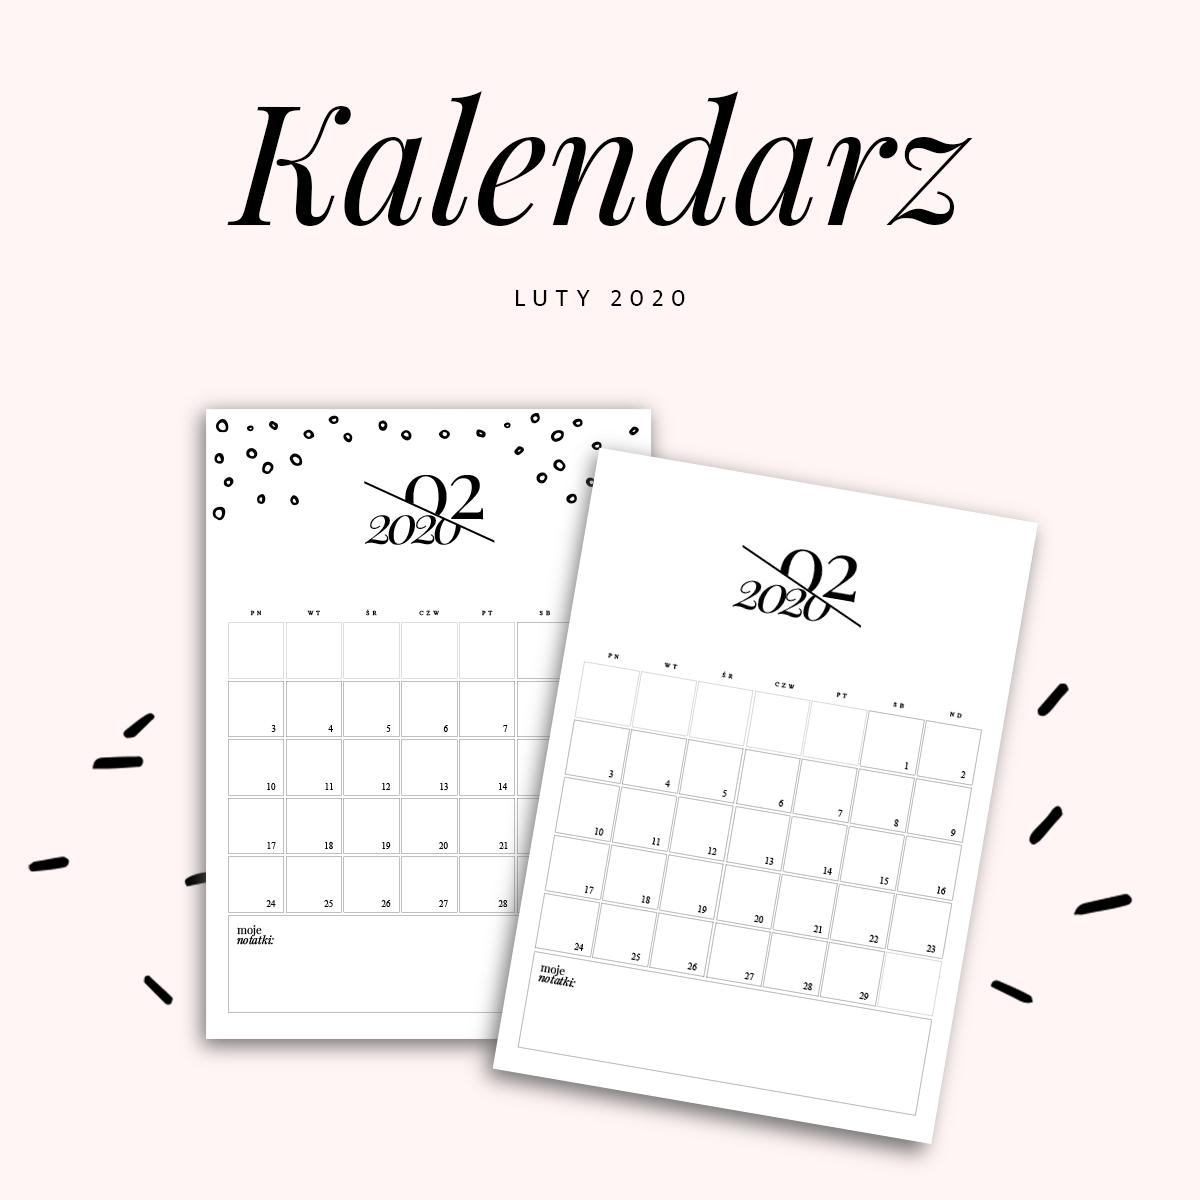 Kalendarz do druku - luty 2020 {do pobrania za darmo}